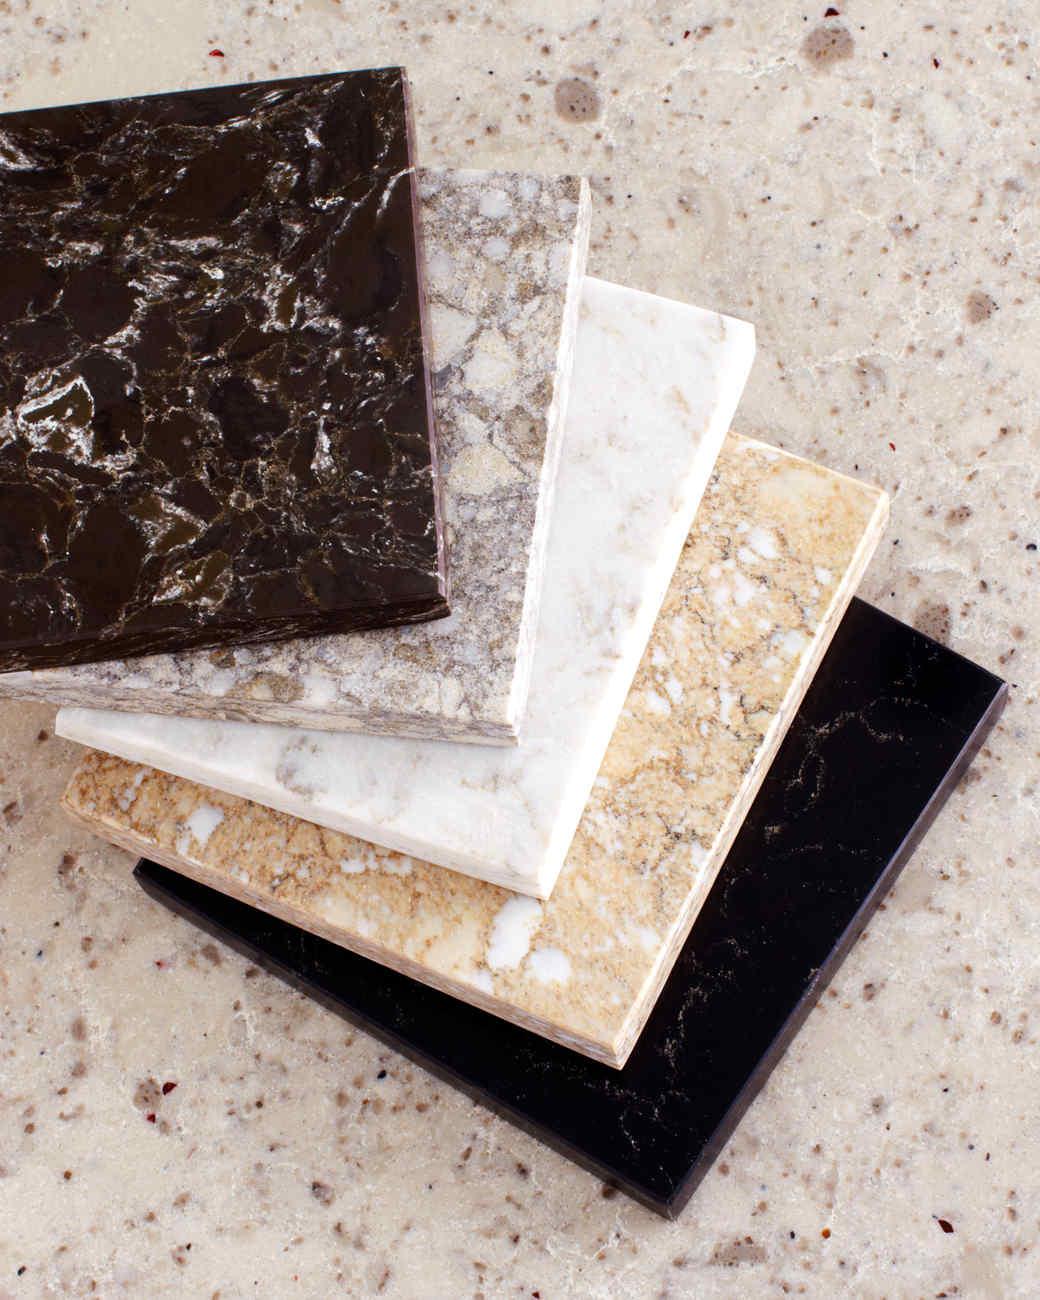 thd-quartz-samples-mrkt-0414.jpg